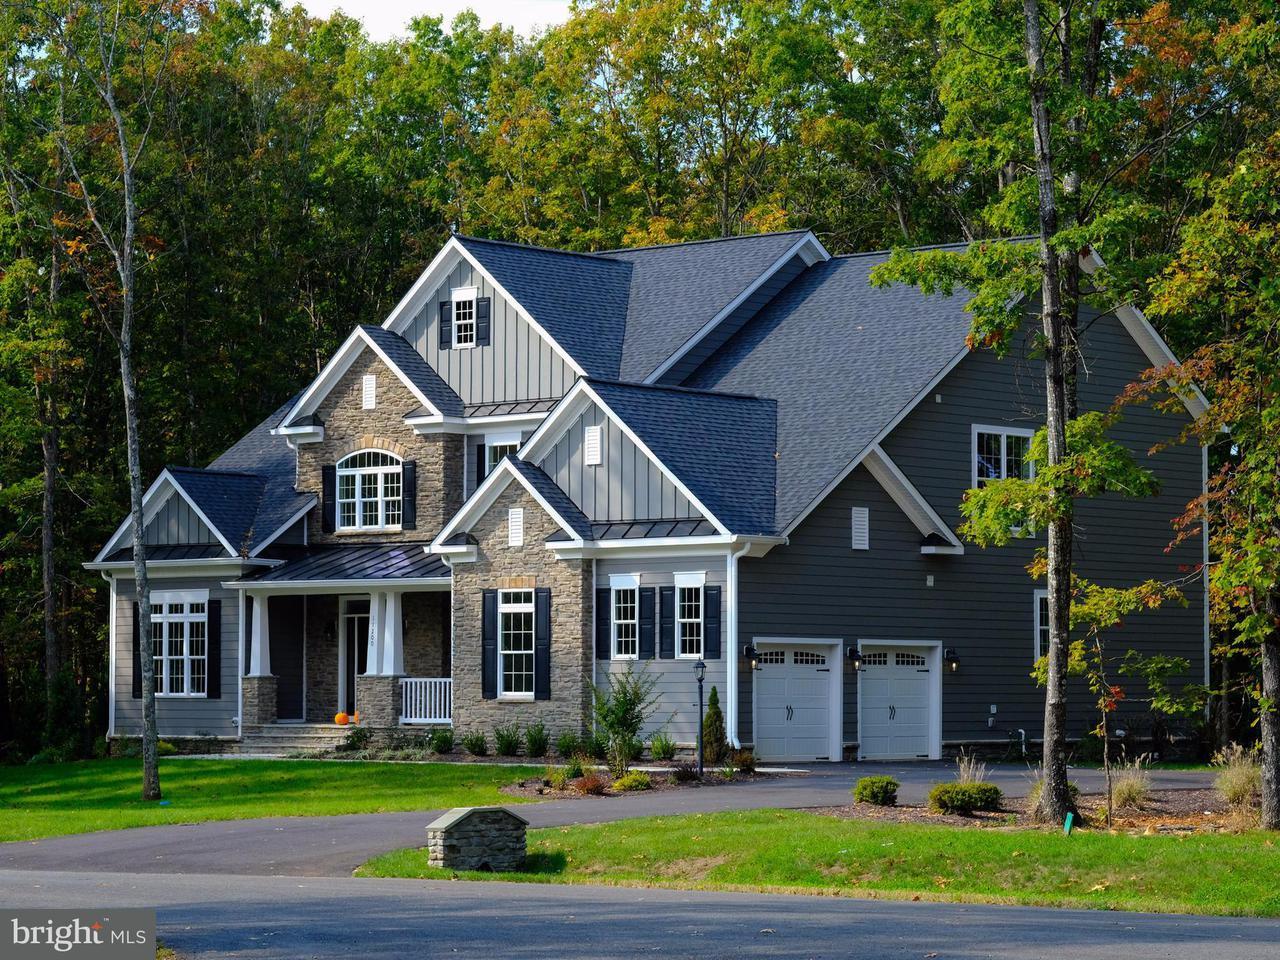 Частный односемейный дом для того Продажа на Lot 17 Downton Avenue Lot 17 Downton Avenue Spotsylvania, Виргиния 22553 Соединенные Штаты